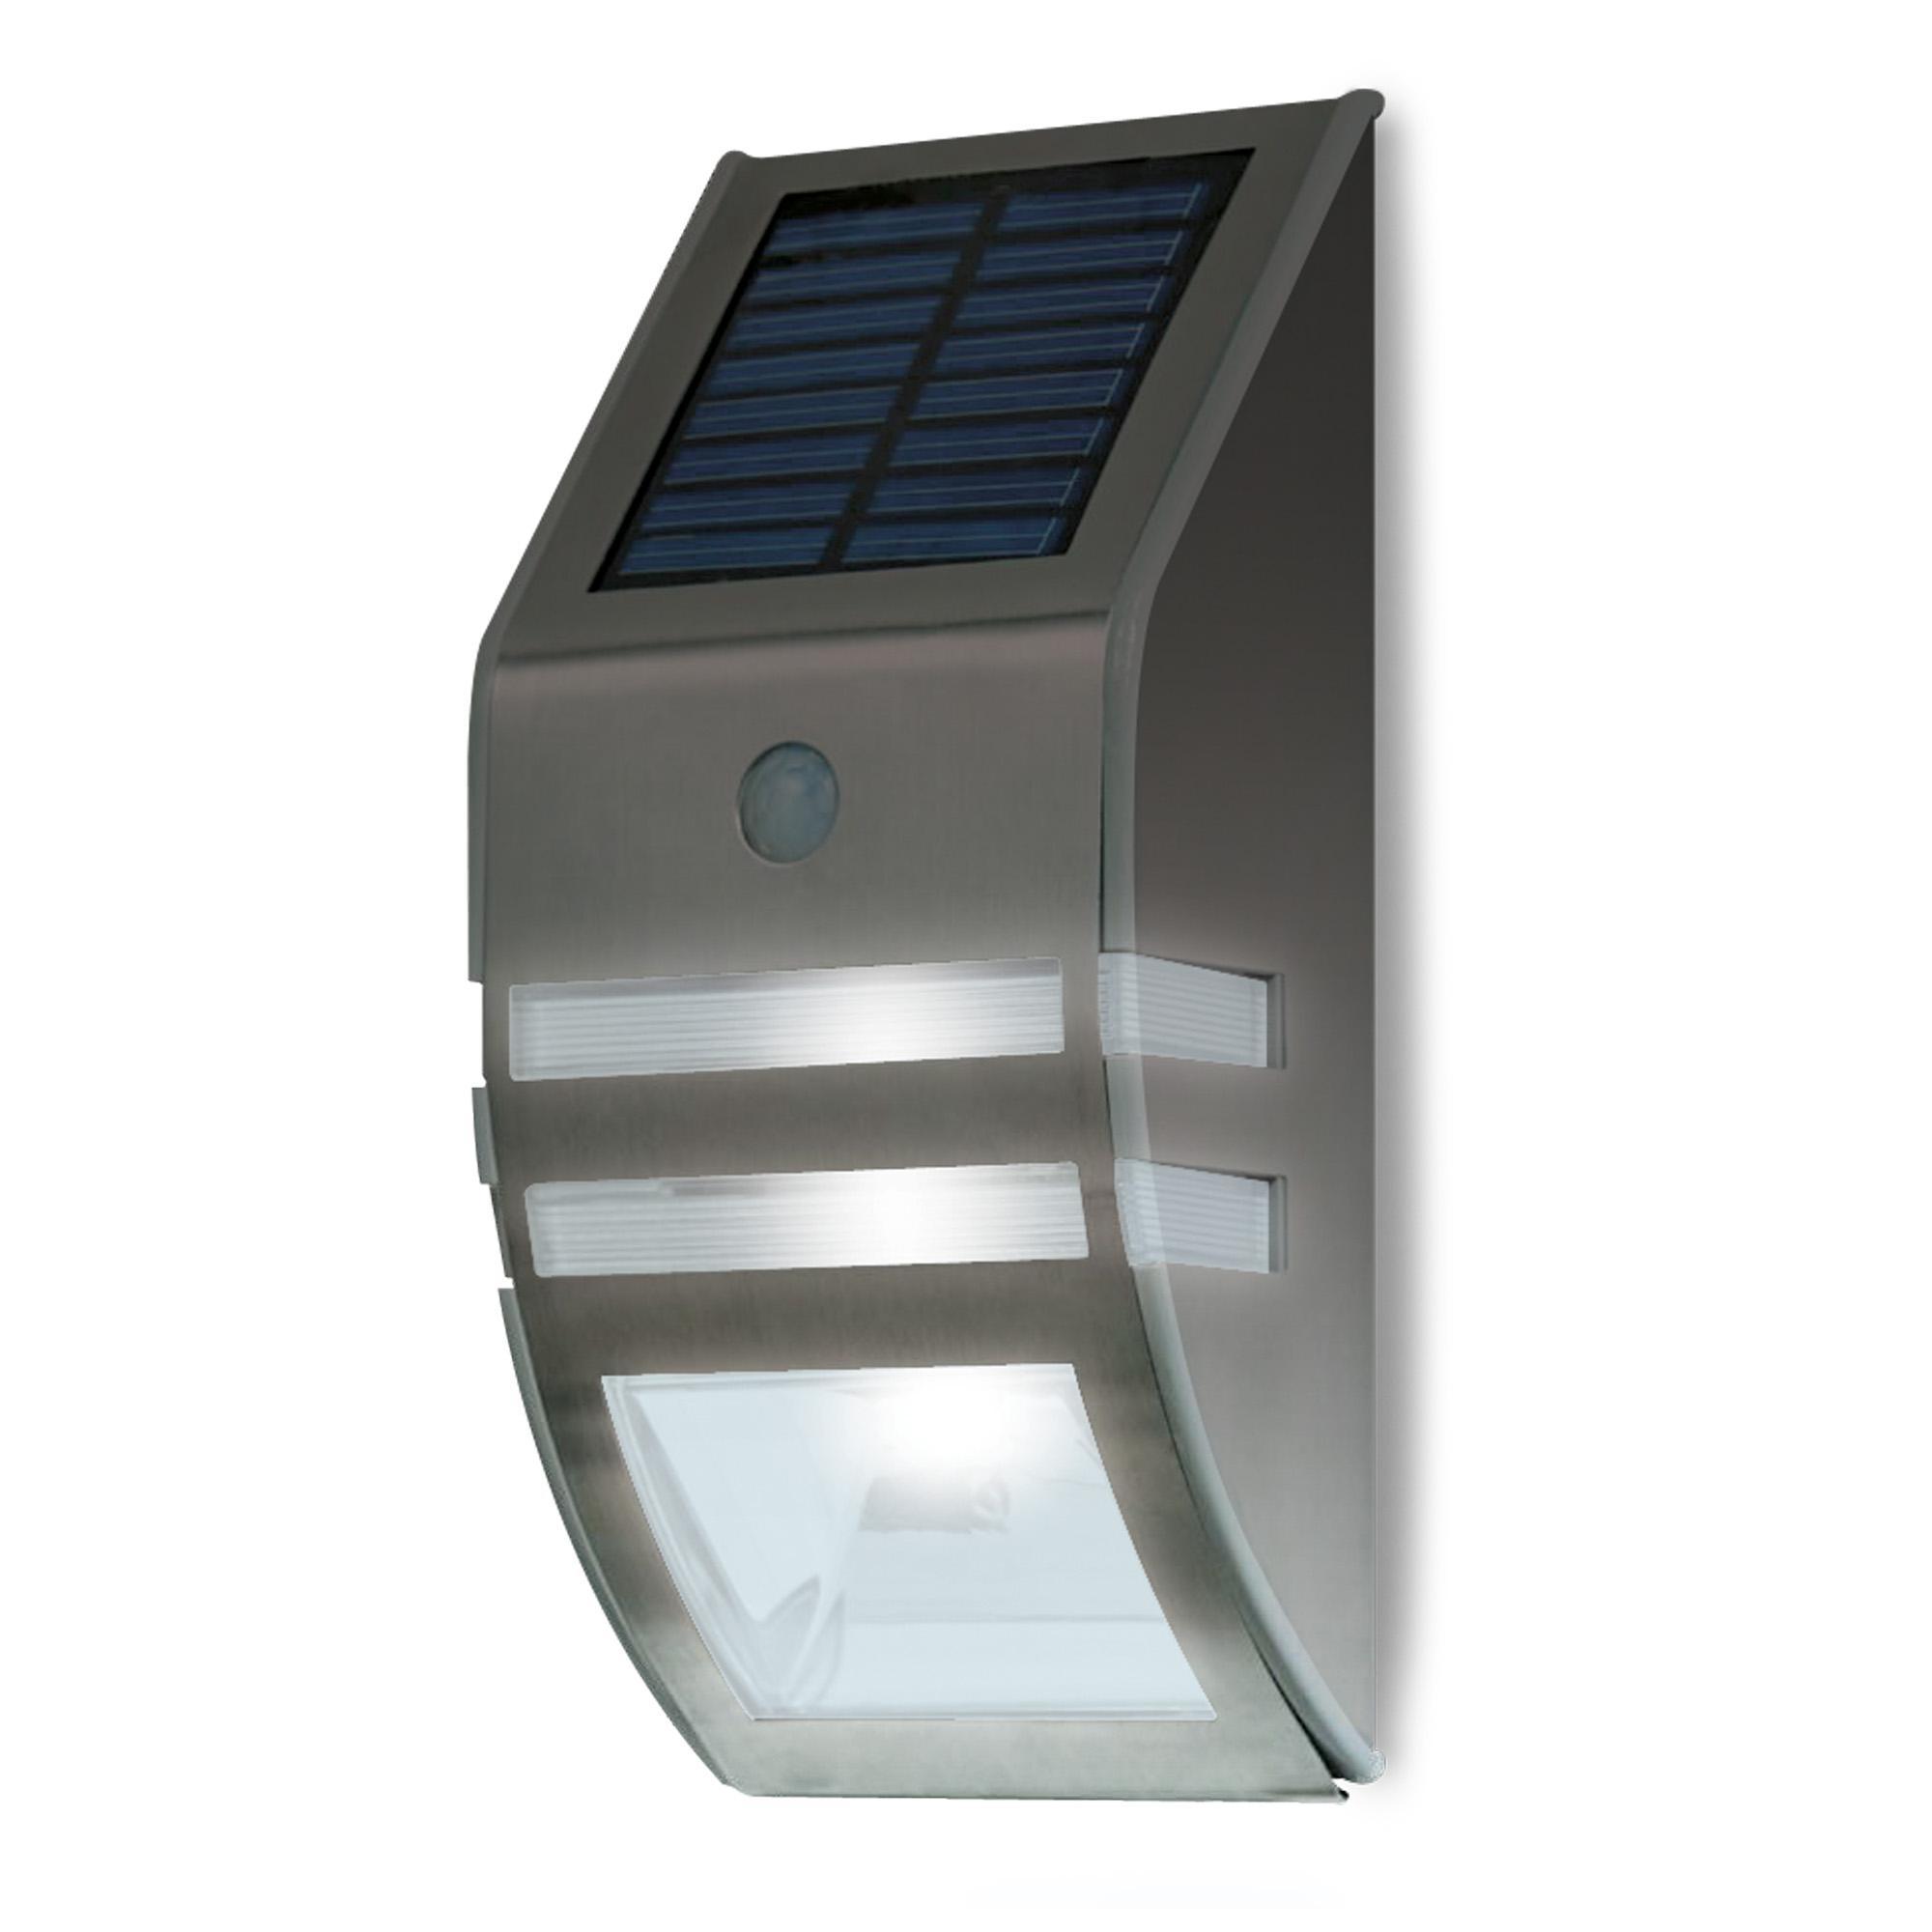 Светильник уличный Uniel Usl-f-164/mt170 sensor